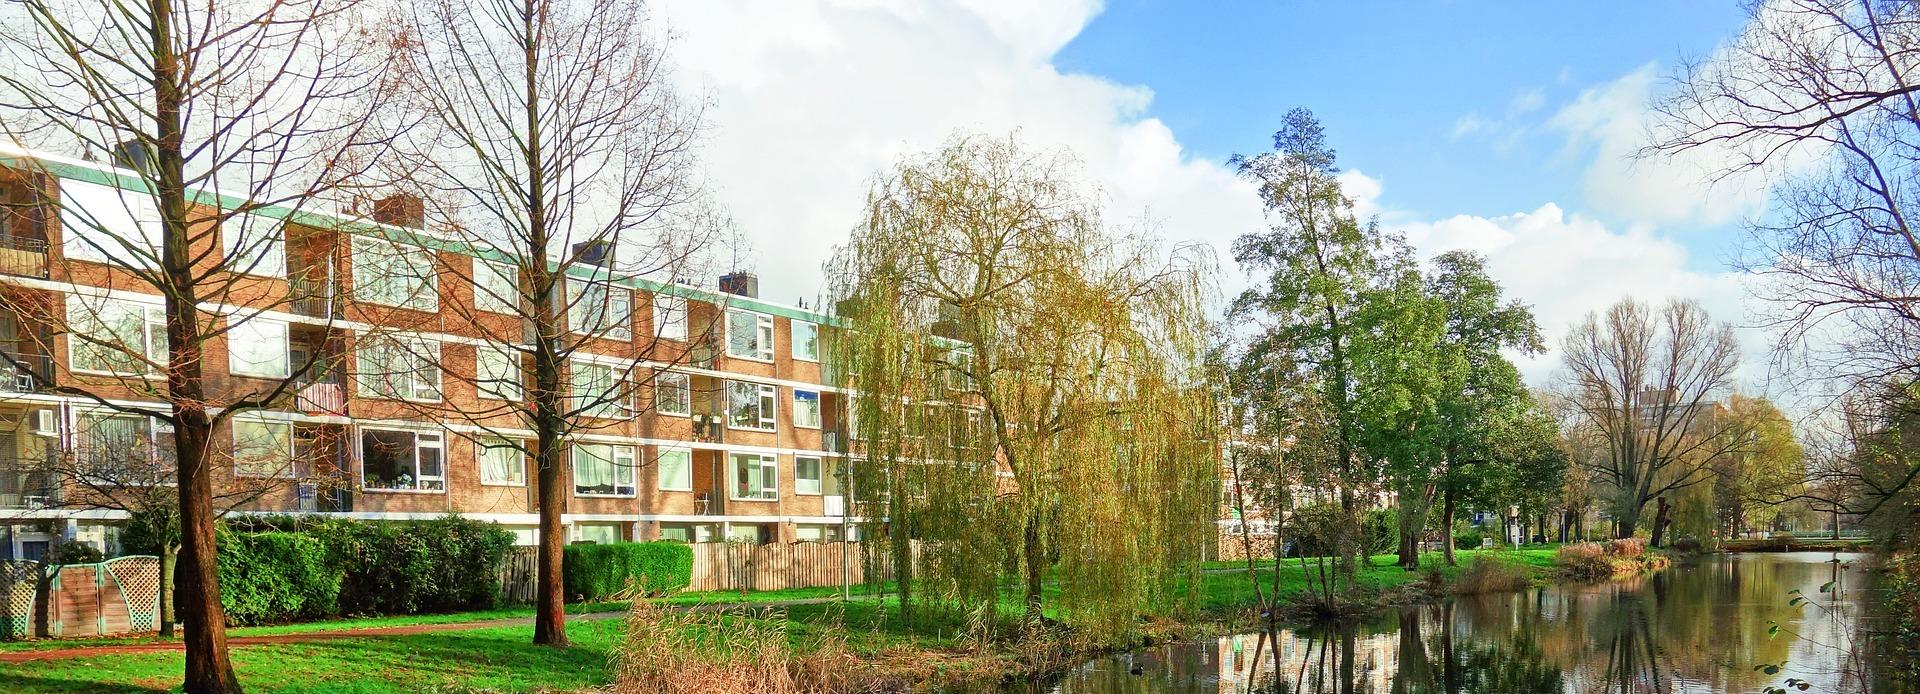 Snel Verhuurd Appartement Verkopen in Spijkenisse